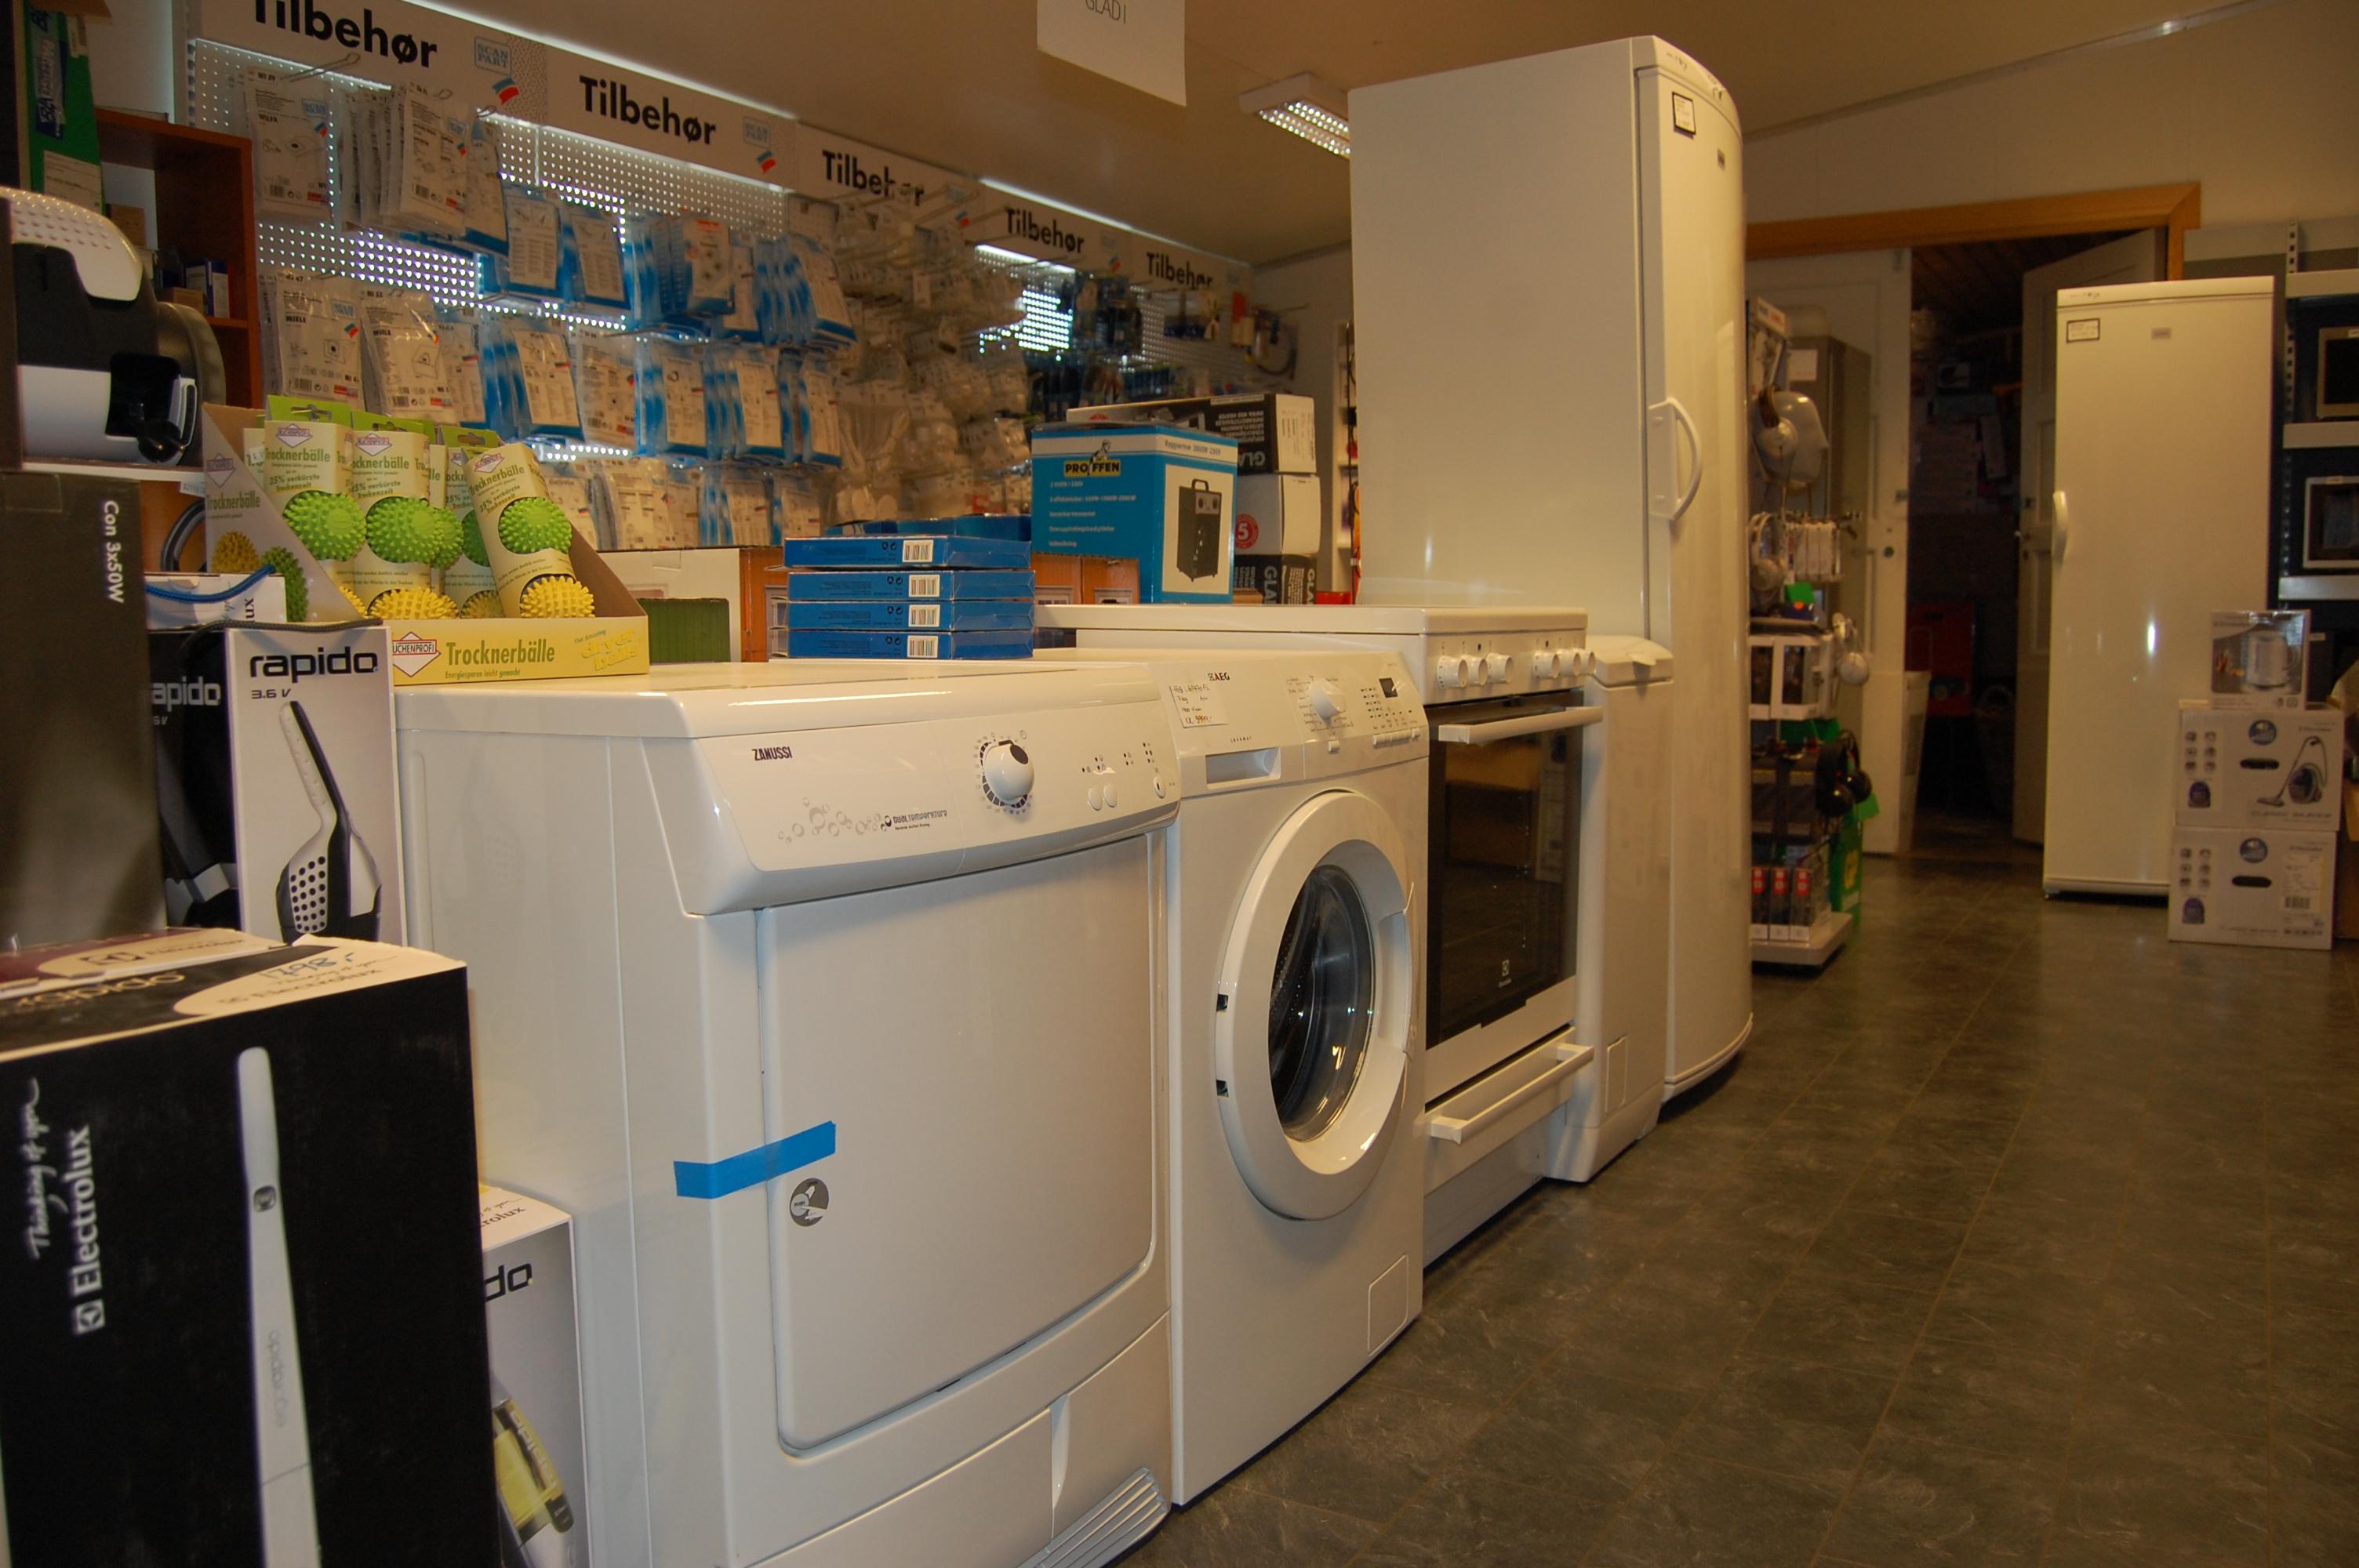 Vaskemaskiner og komfyrer.jpg